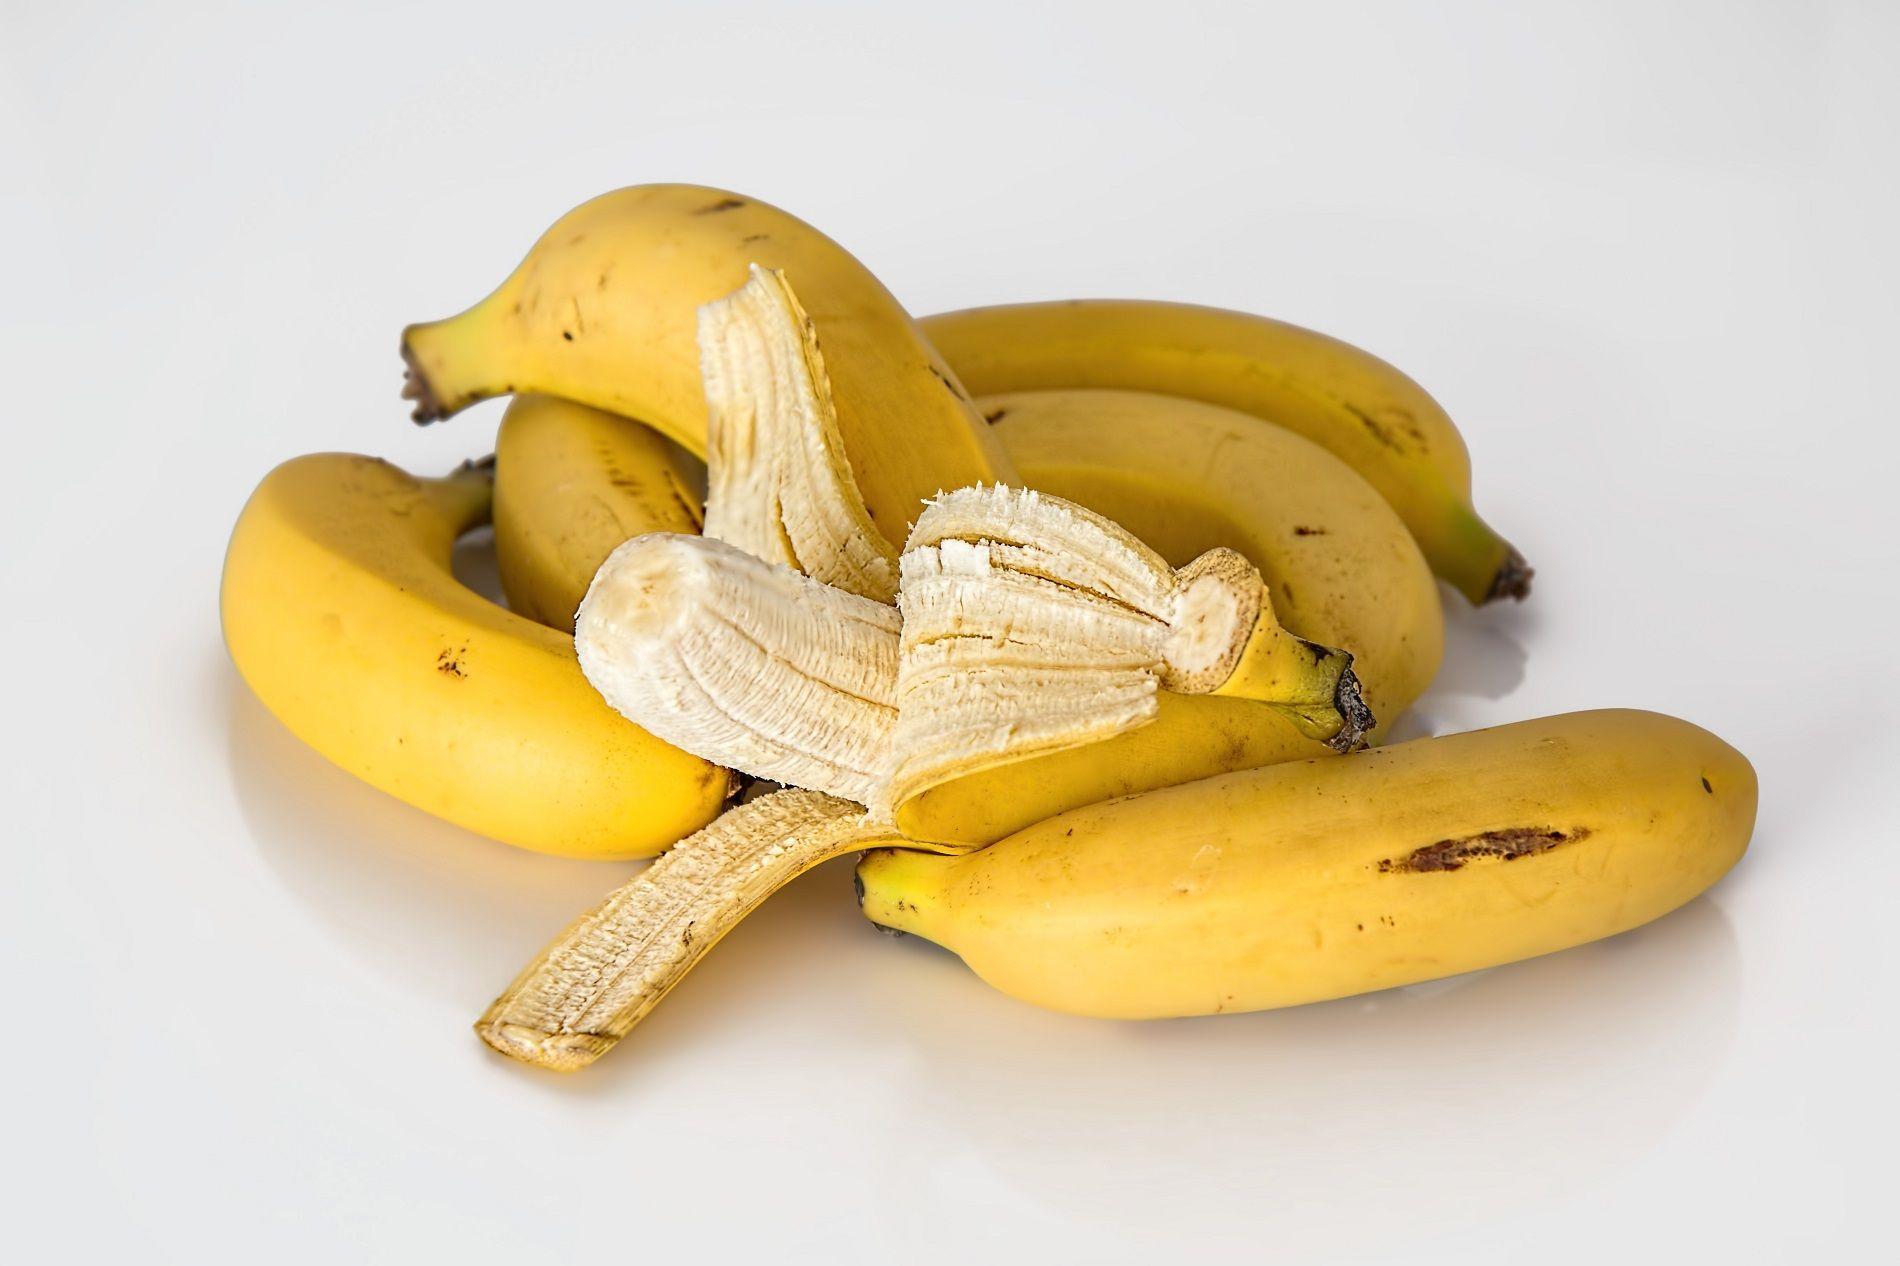 Mangiare la punta della banana fa male?